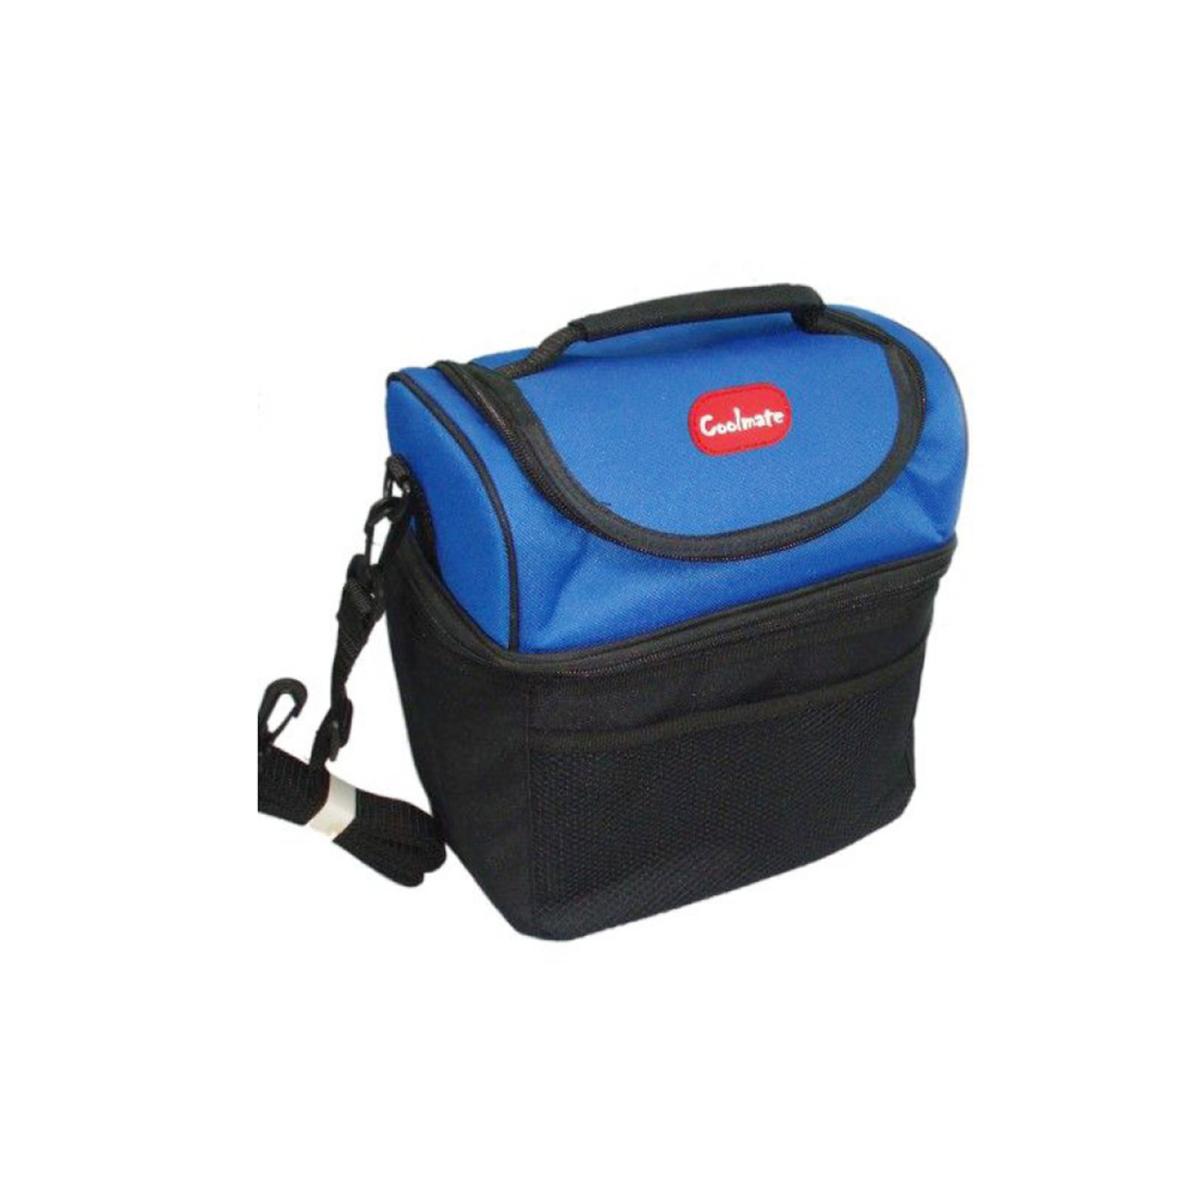 細碼冰袋 - CM003 (9罐) (藍色)